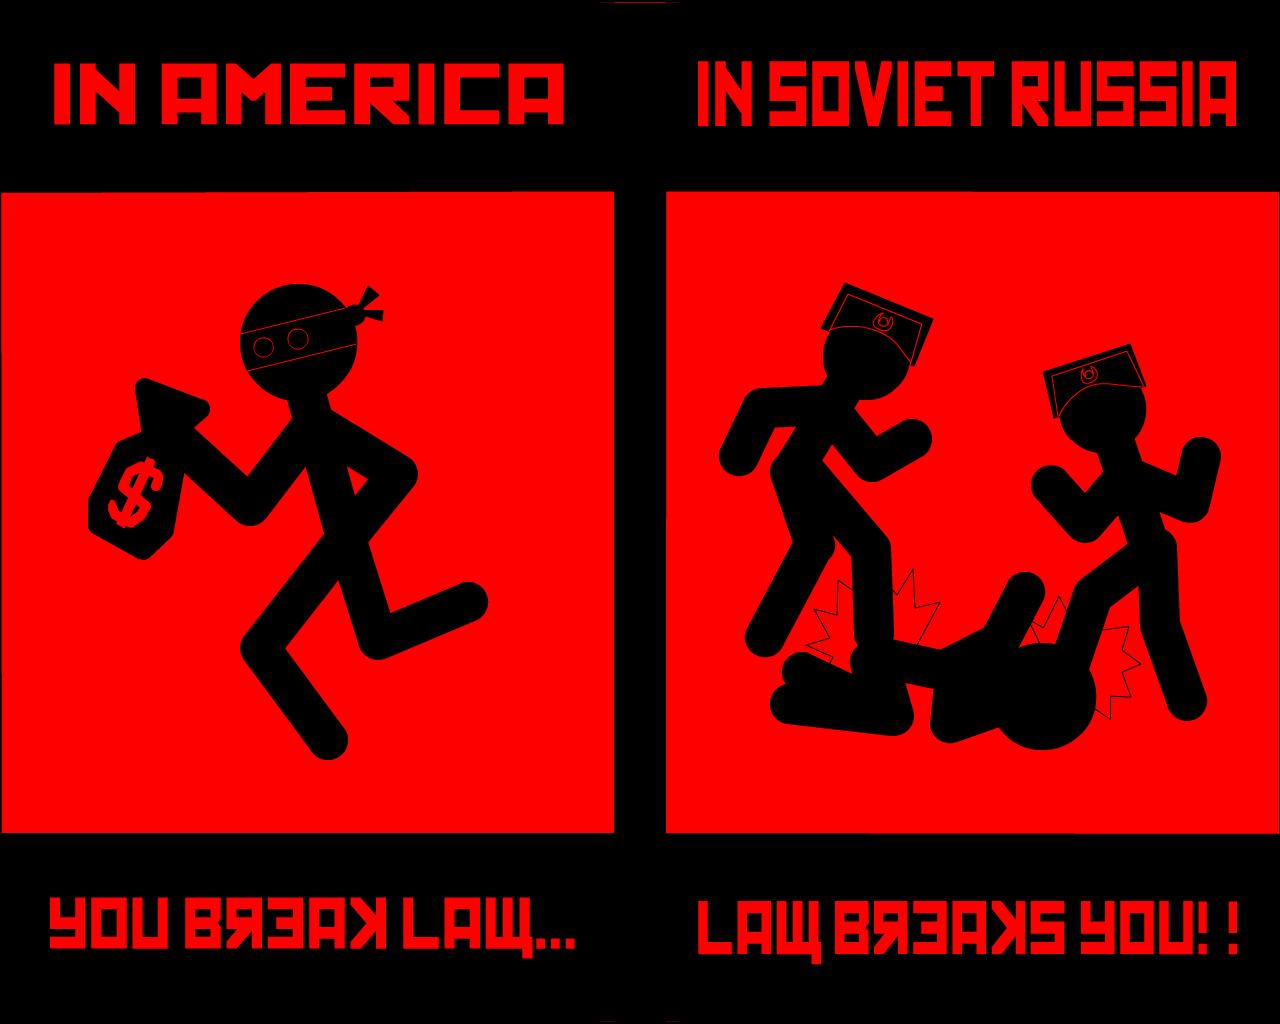 Soviet Russia Law Breaks You , HD Wallpaper & Backgrounds